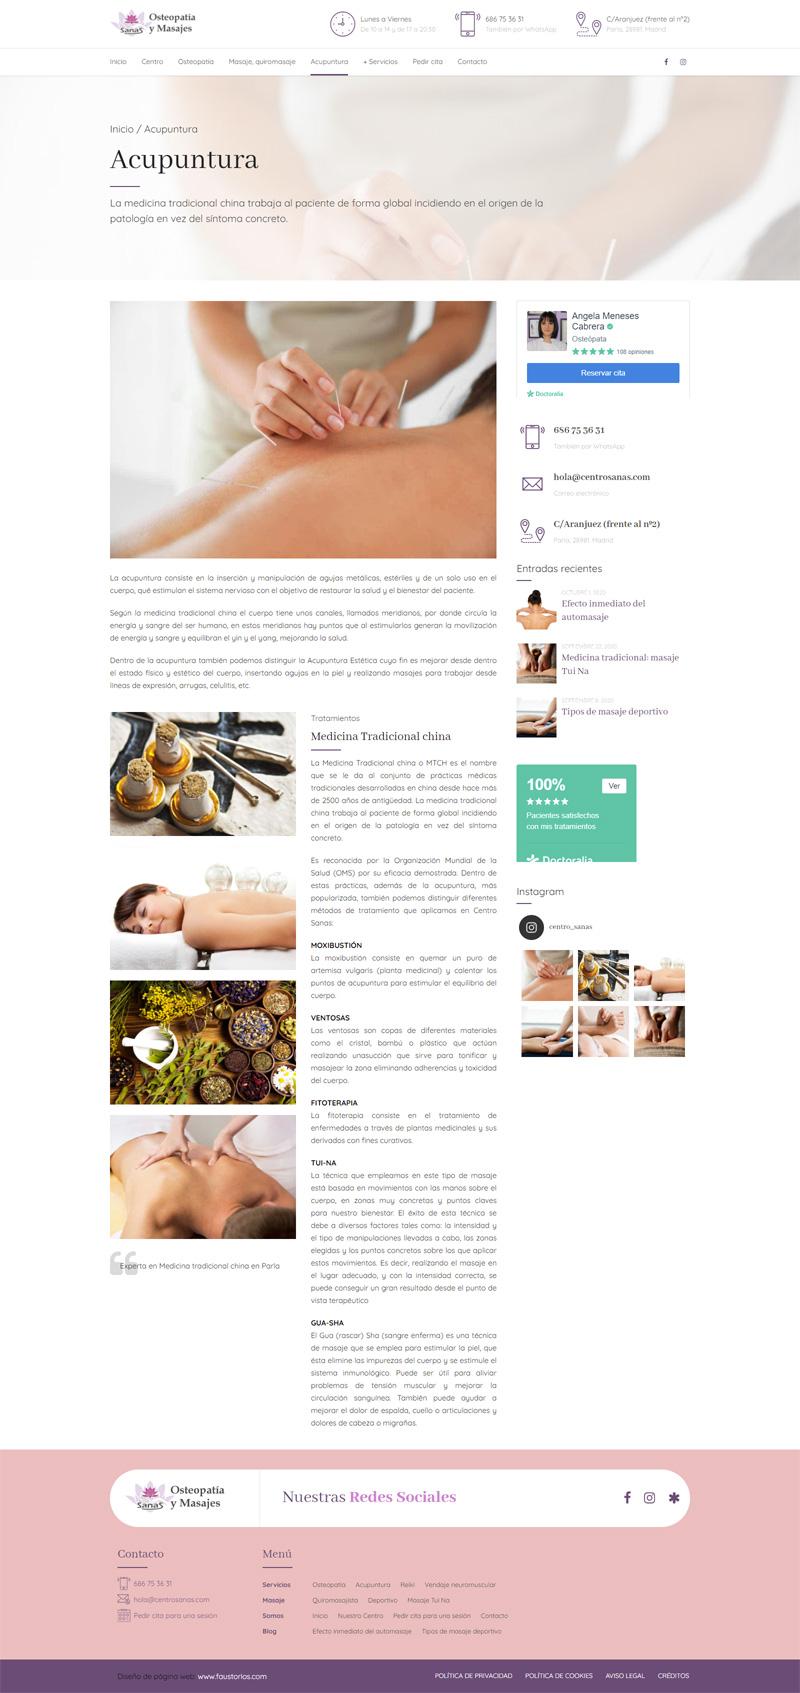 Centro-Sanas-osteopatía-y-masajes---Diseño-de-página-web-3